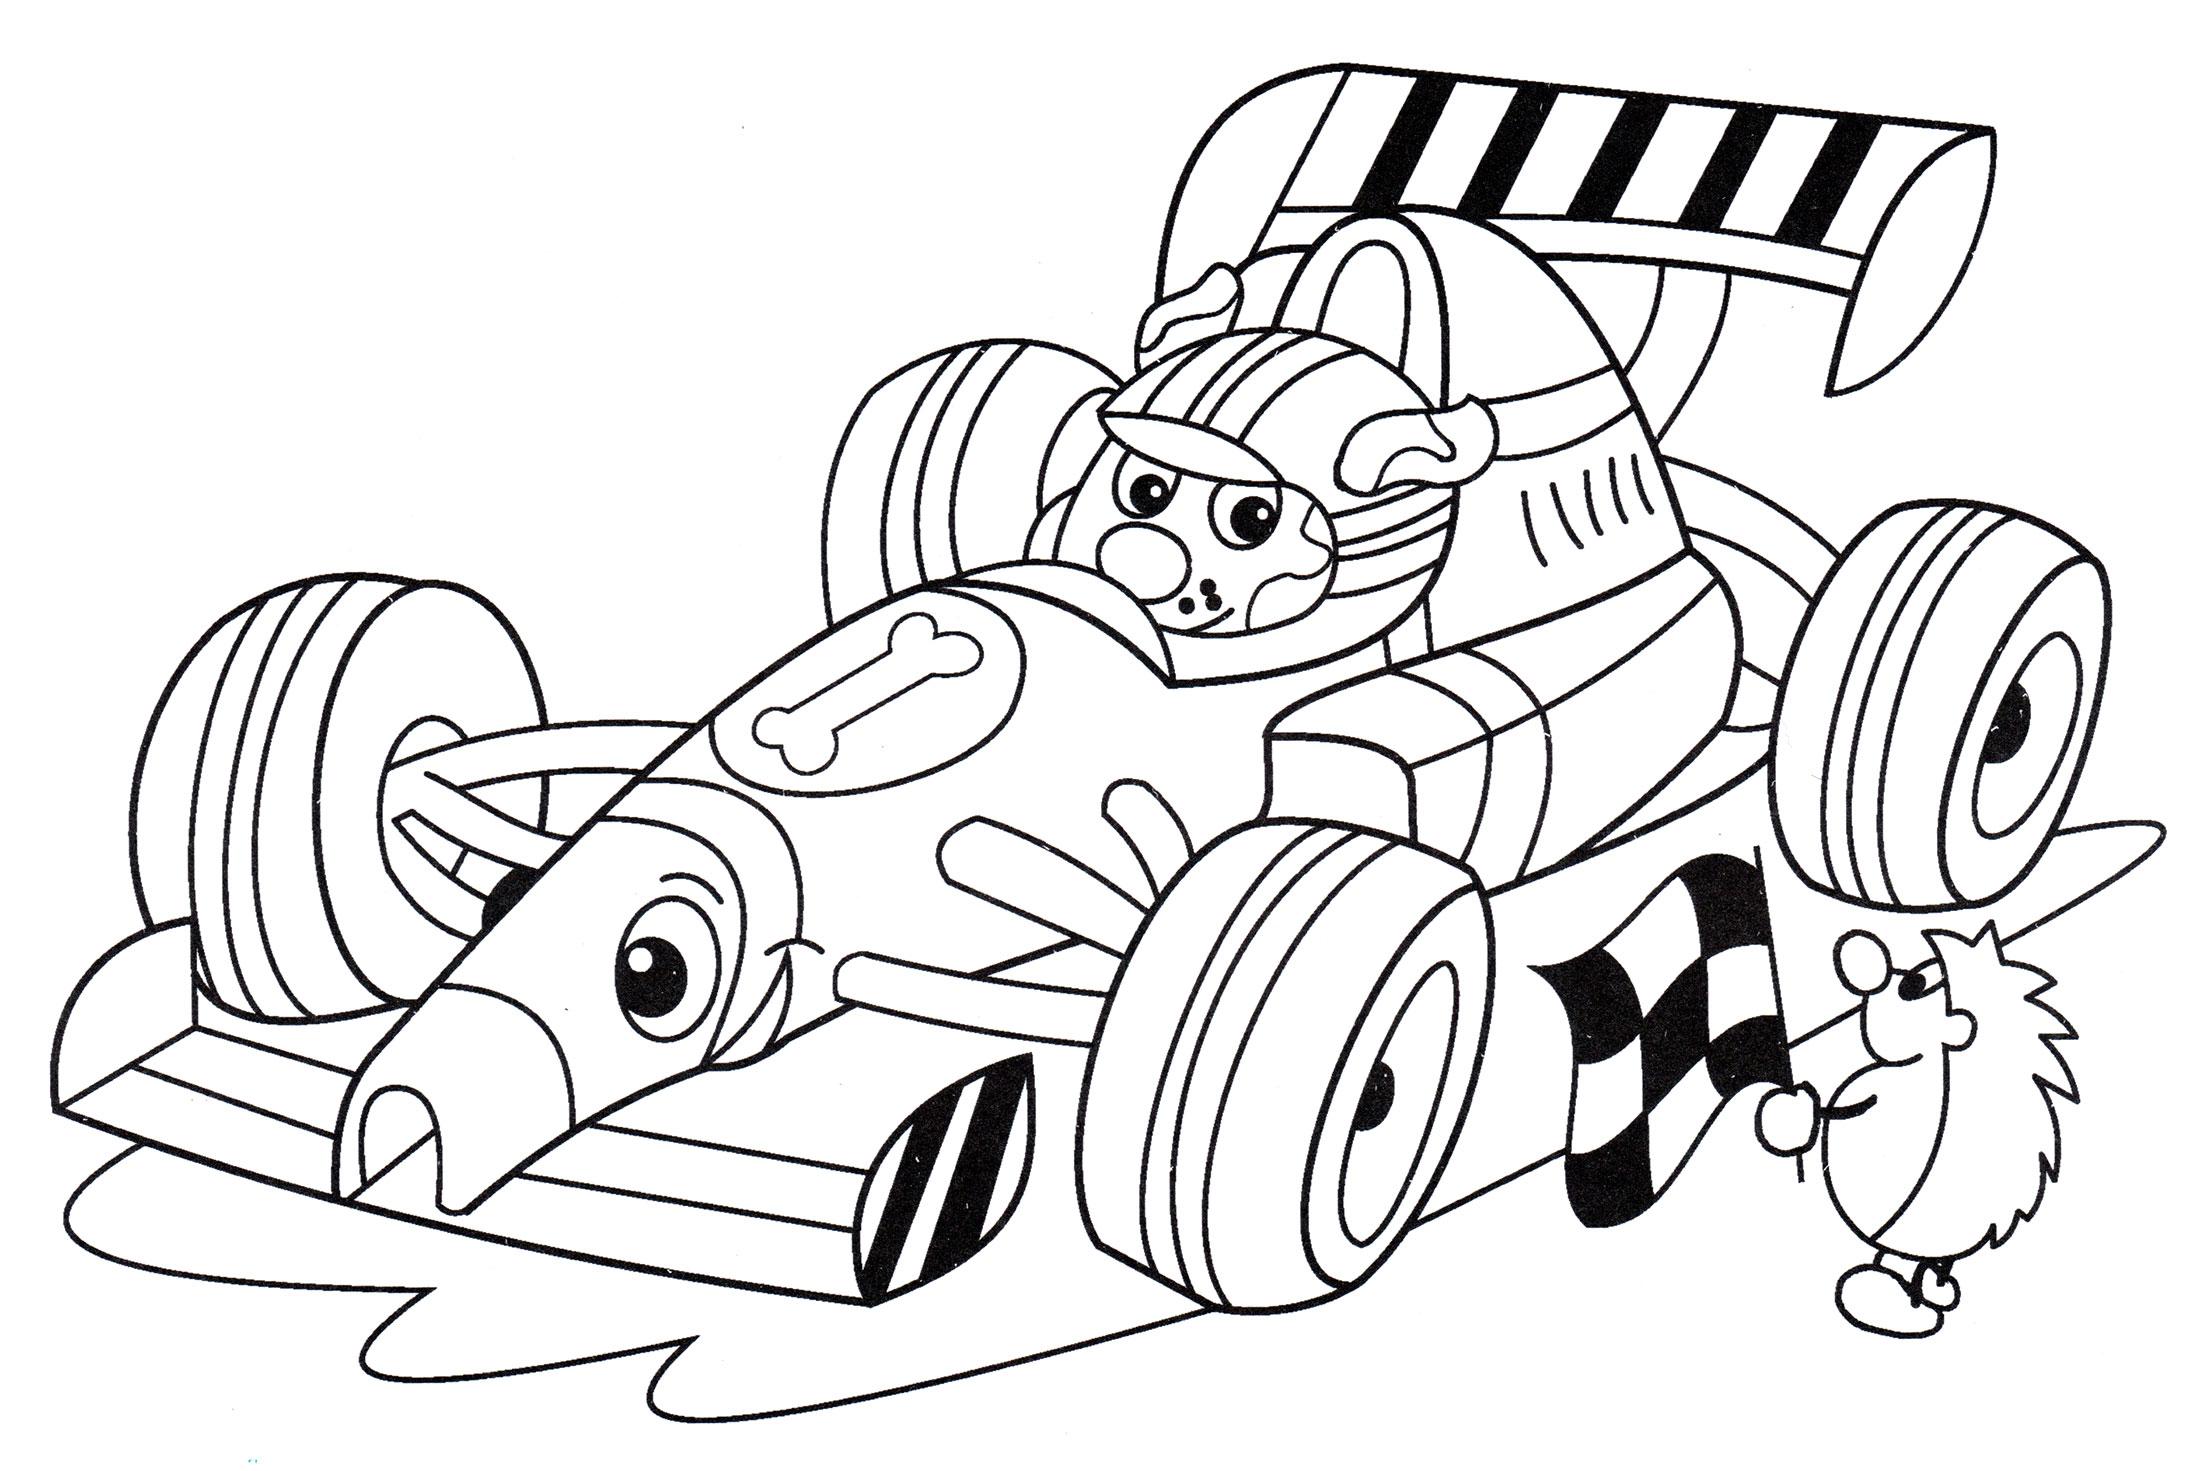 Раскраска Пес за рулем болида - распечатать бесплатно